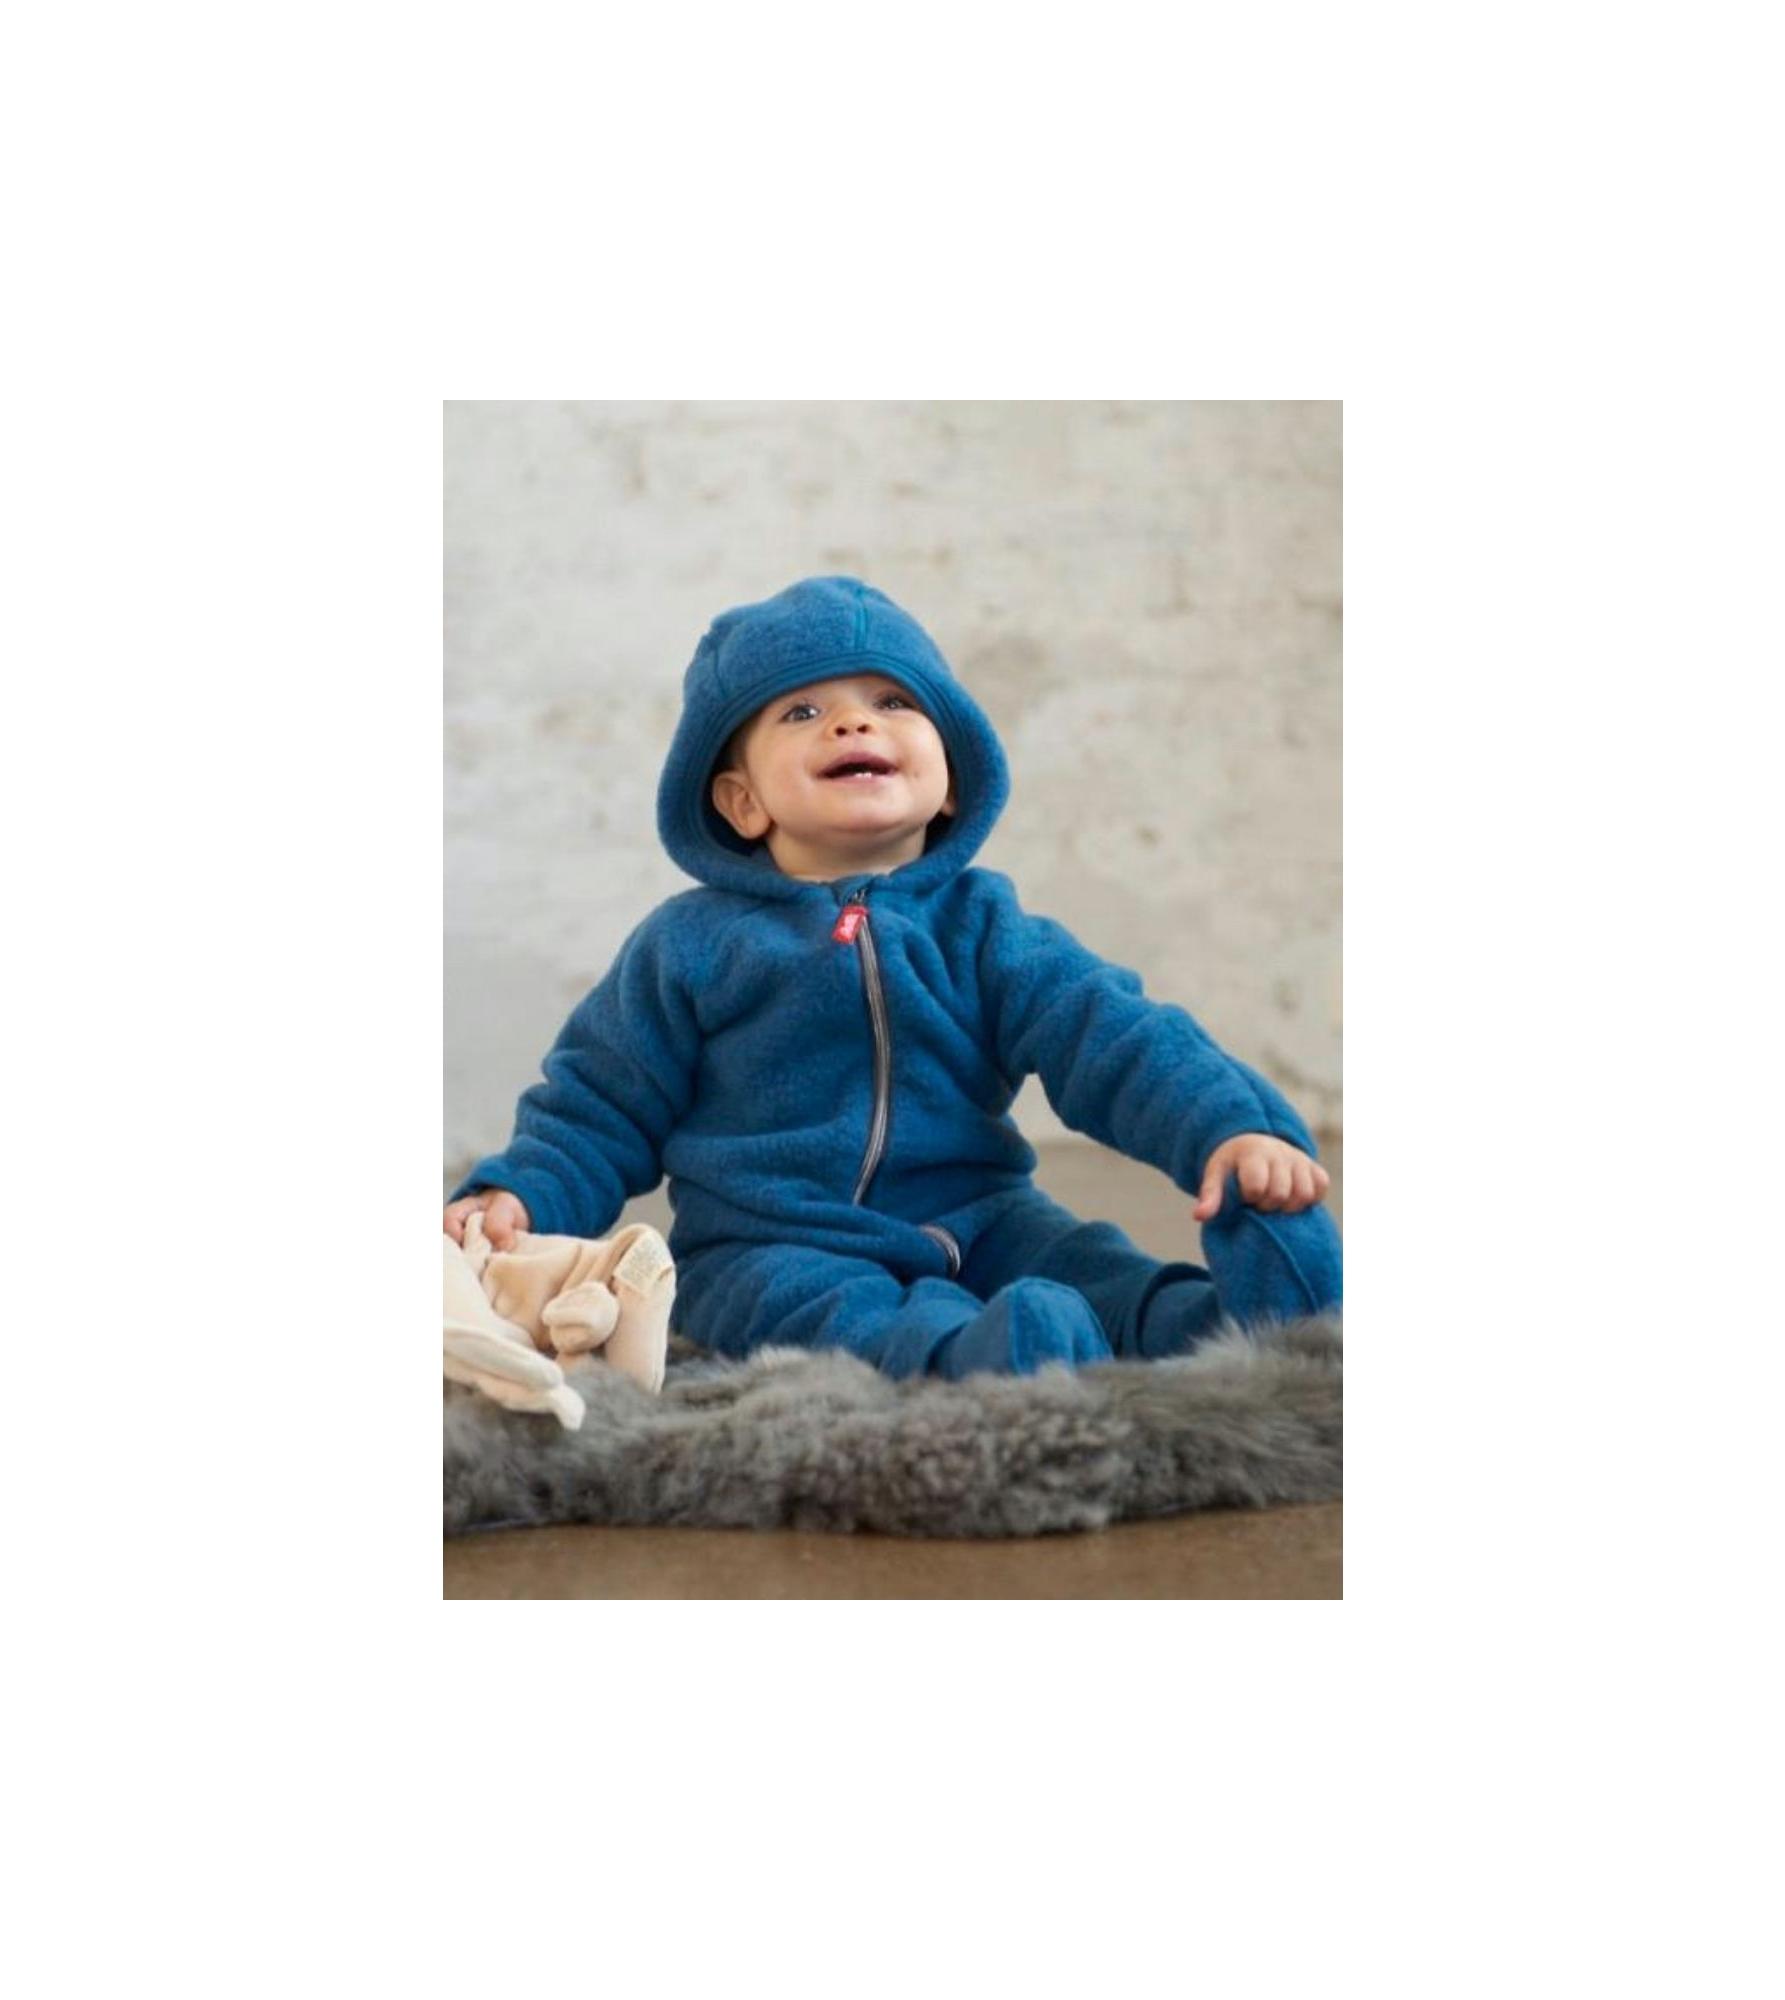 Ruskovilla_vauva_baby_villafleece_woolfleece_haalari_overall_vuononsininen_fjordblue.jpg